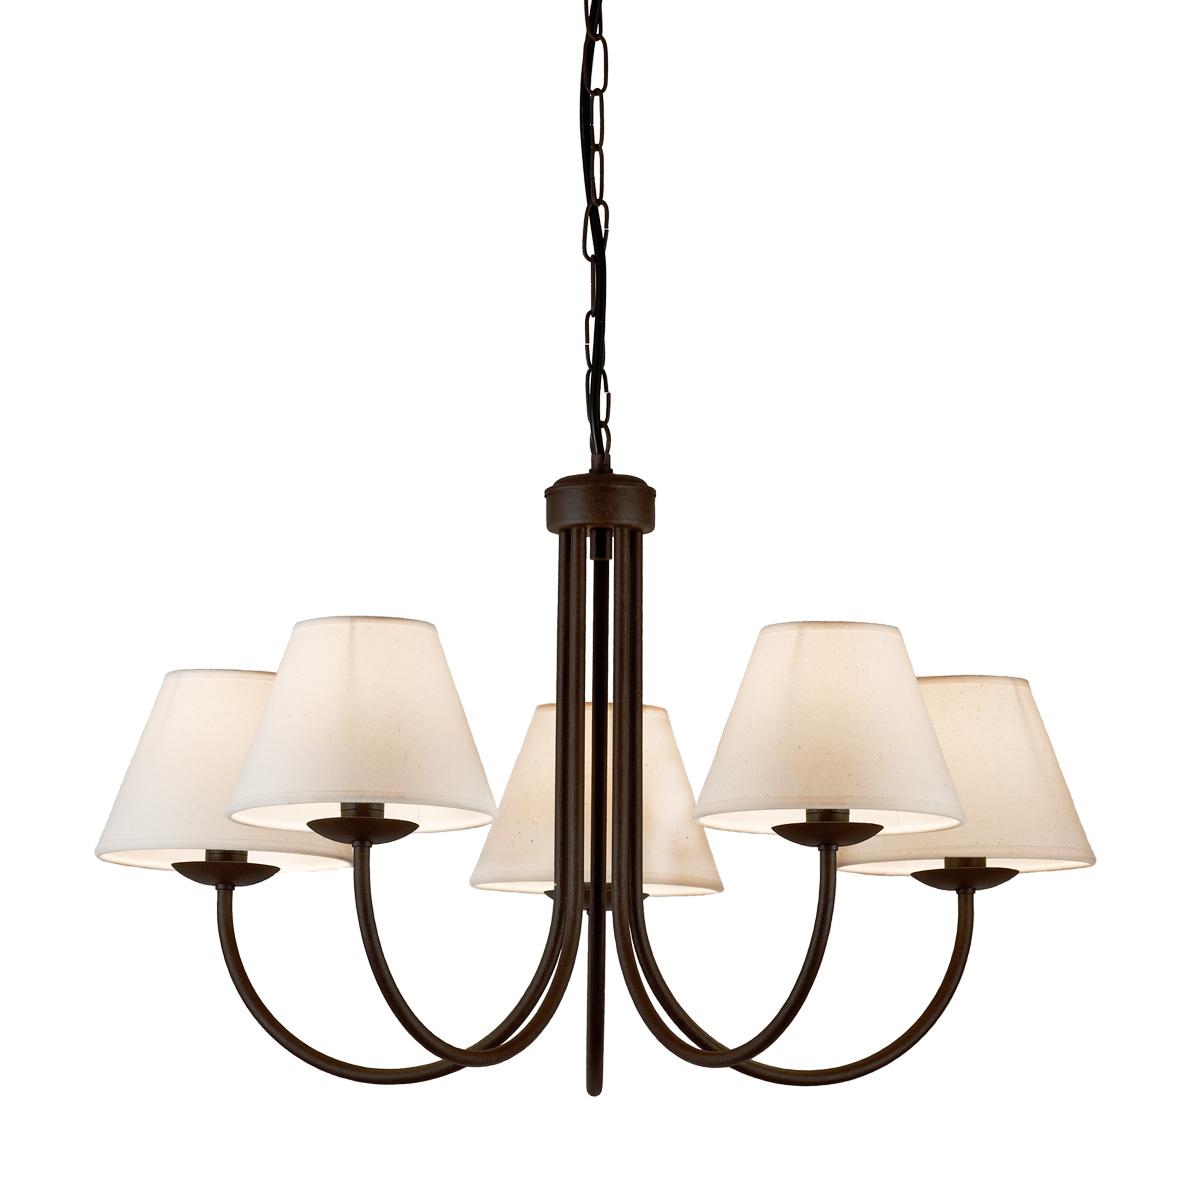 Φωτιστικό καφέ πατίνα με εκρού καπέλα BIANCO-2 brown patinated chandelier with ecru shades